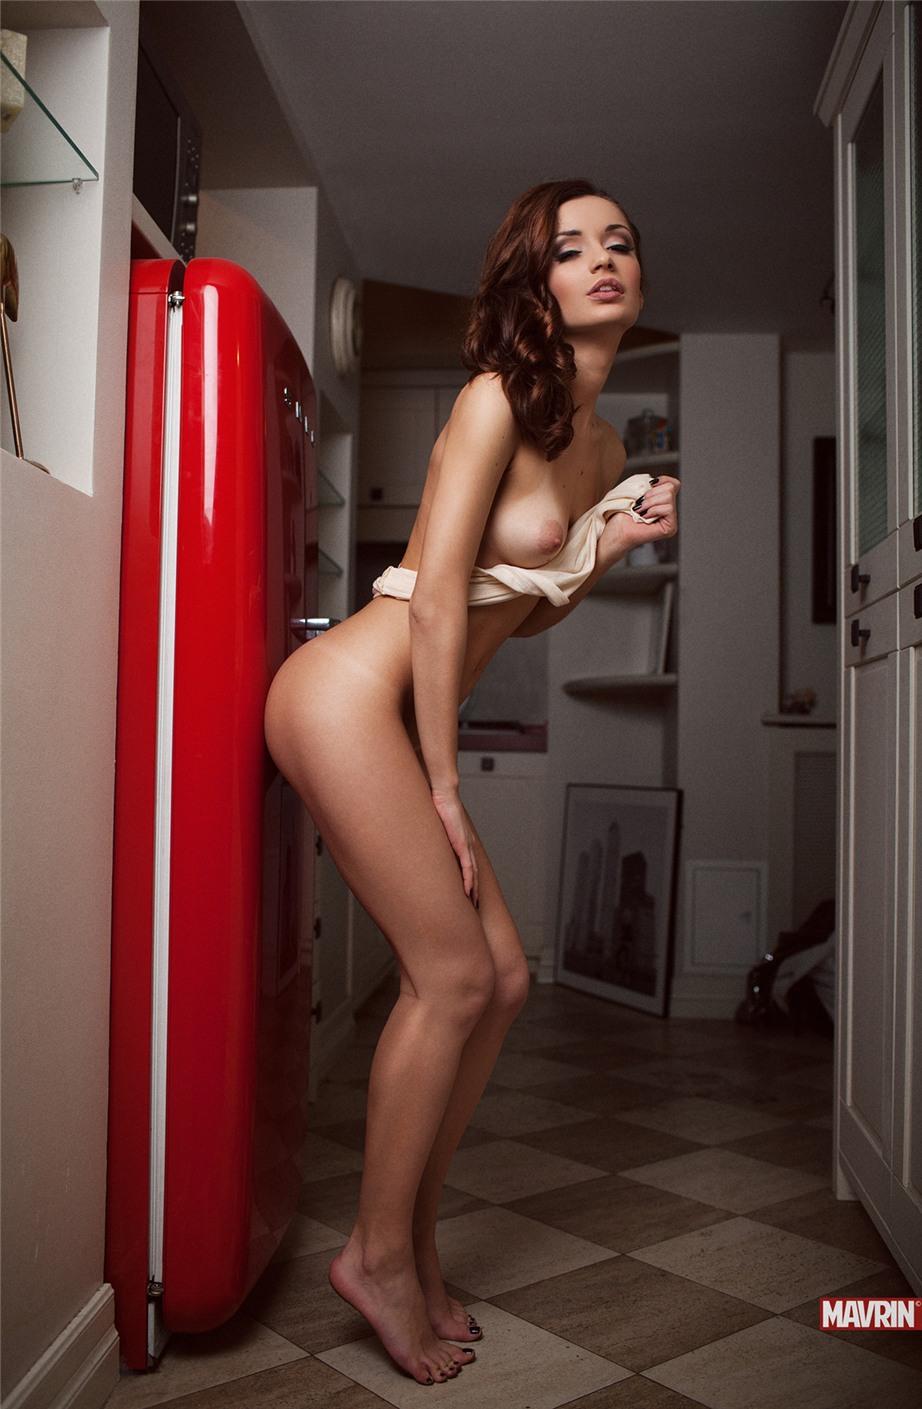 сексуальные голые девушки на эротических фотографиях Александра Маврина